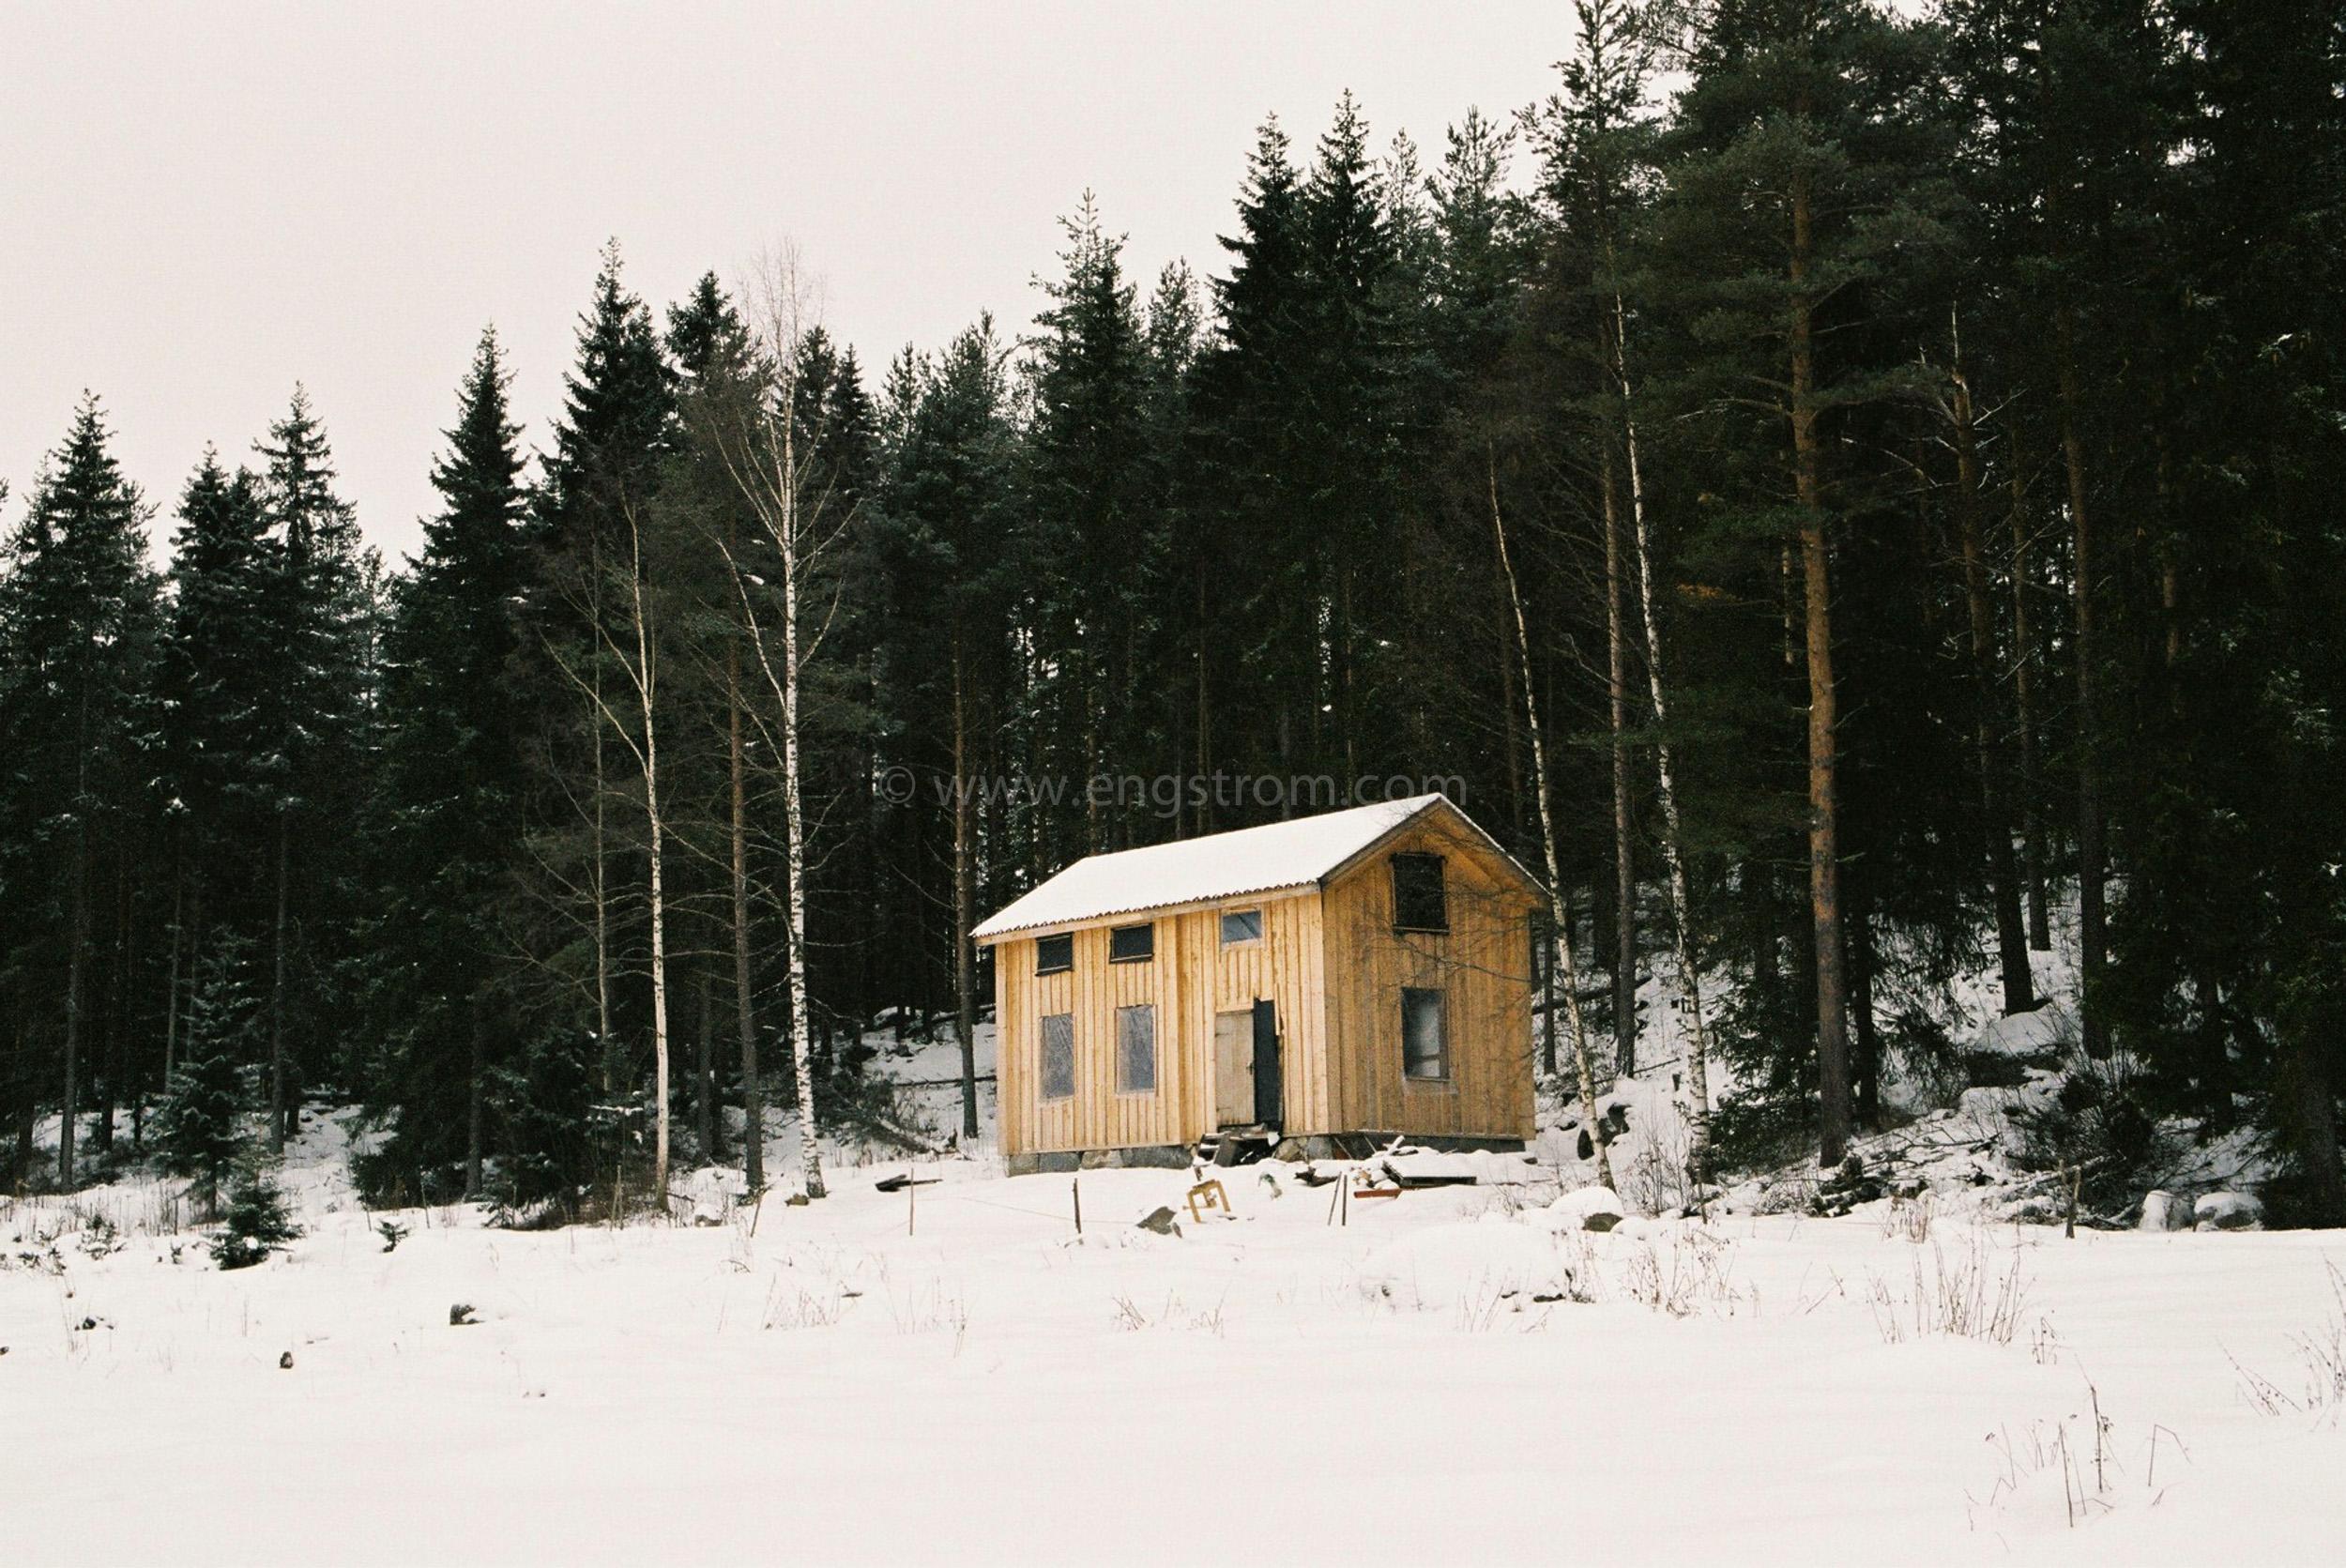 JE0400_009, Under byggnation. Hälsingland vintern 2004, Jonas Engström